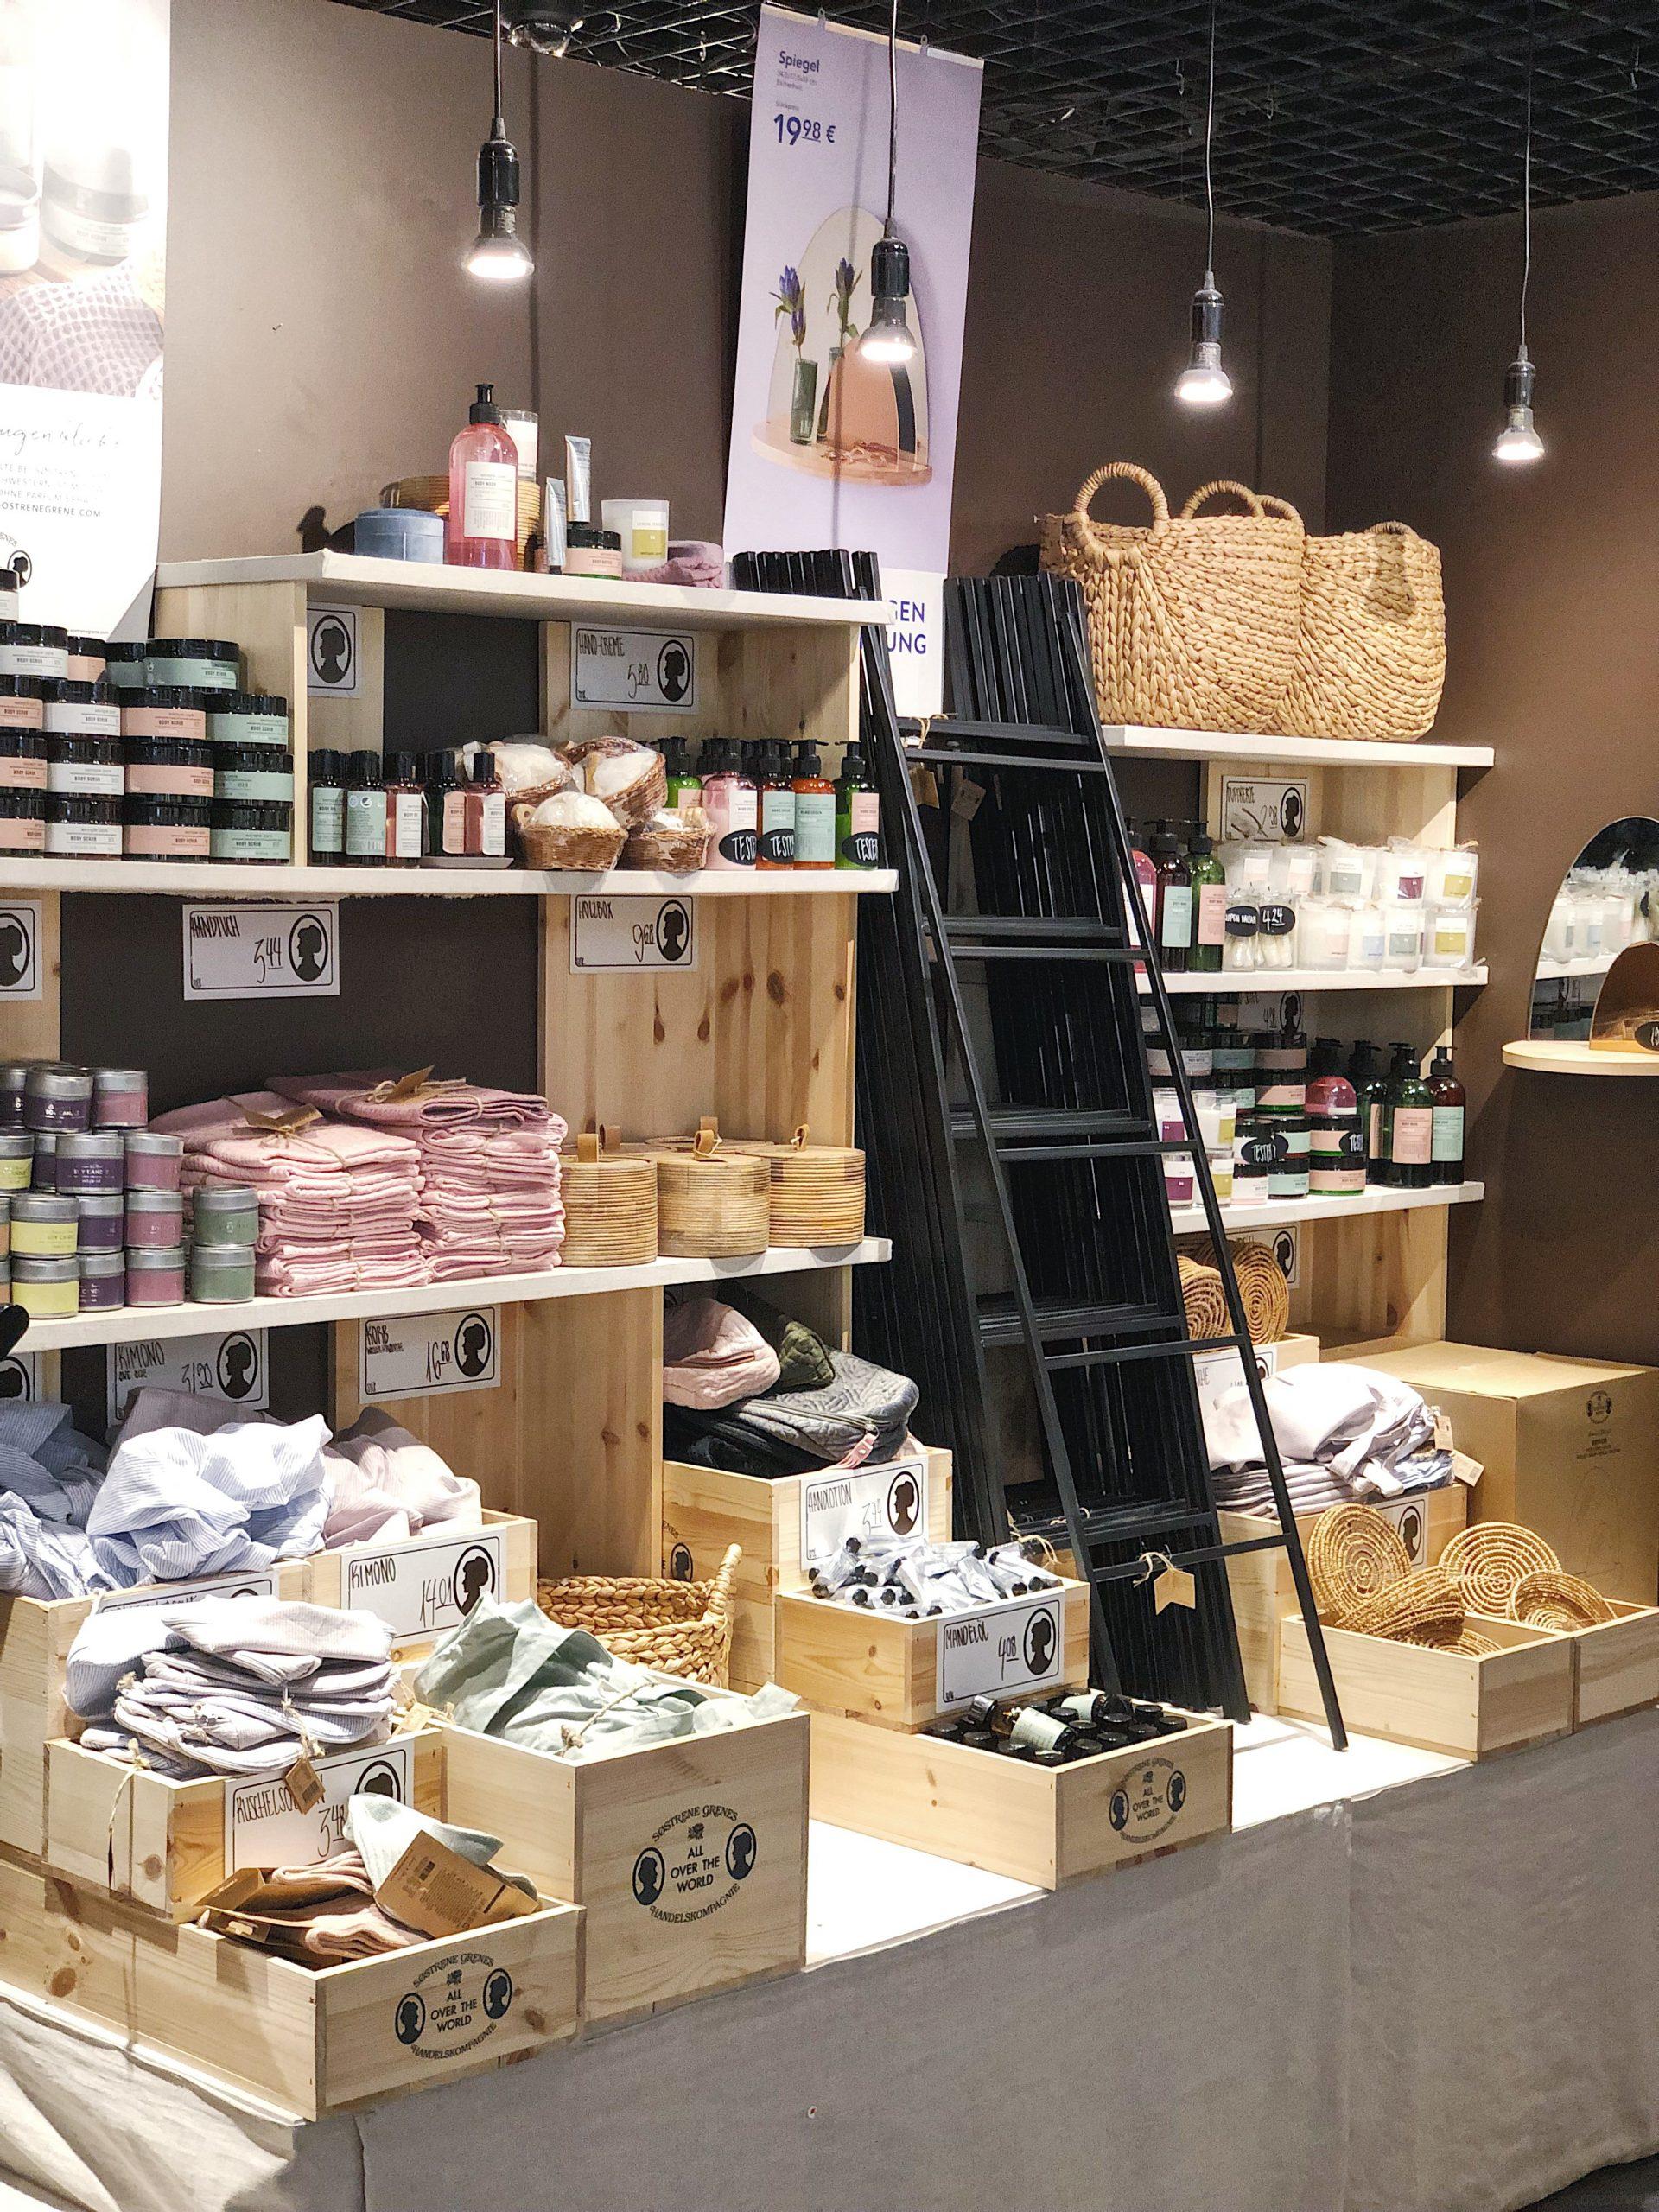 hamburg-cafe-deko-interior-blog-dreieckchen-&other-stories